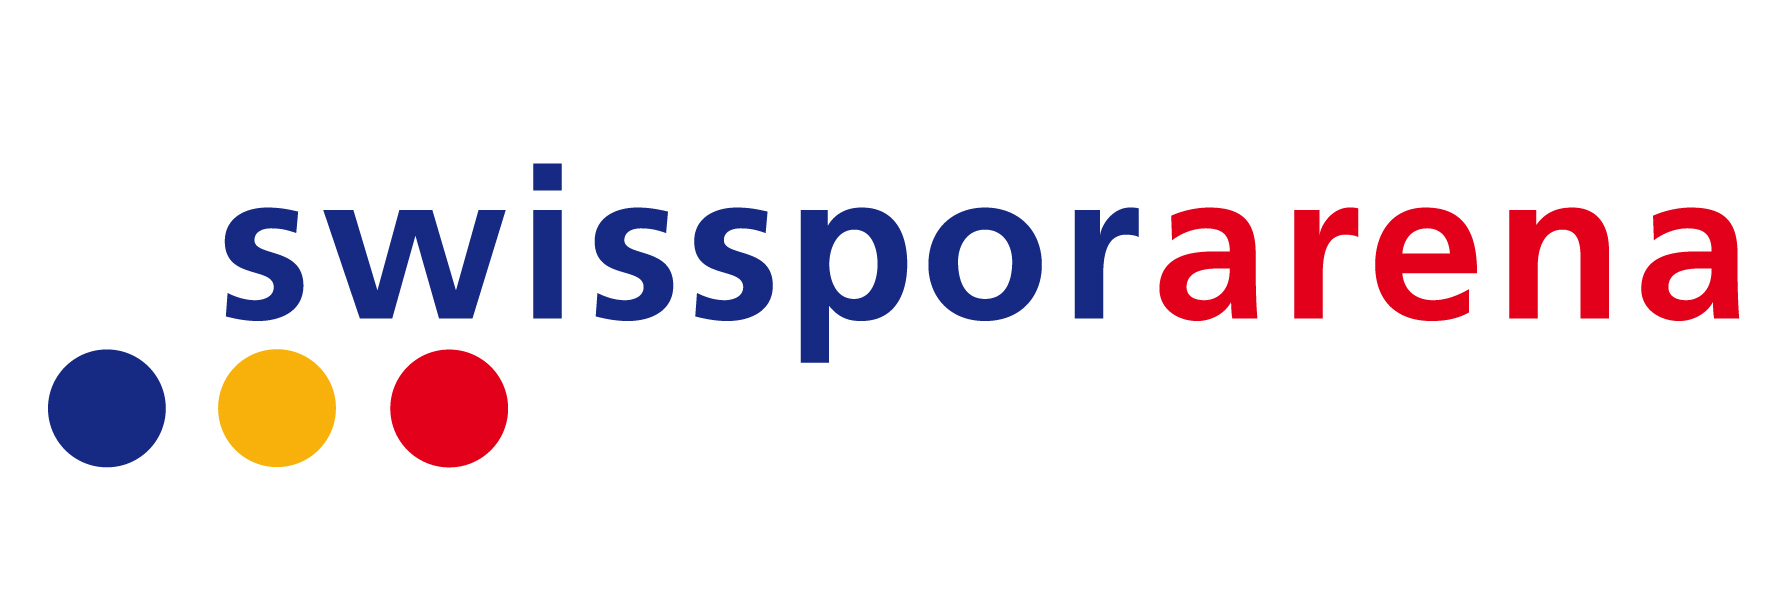 Logo Swisspor arena